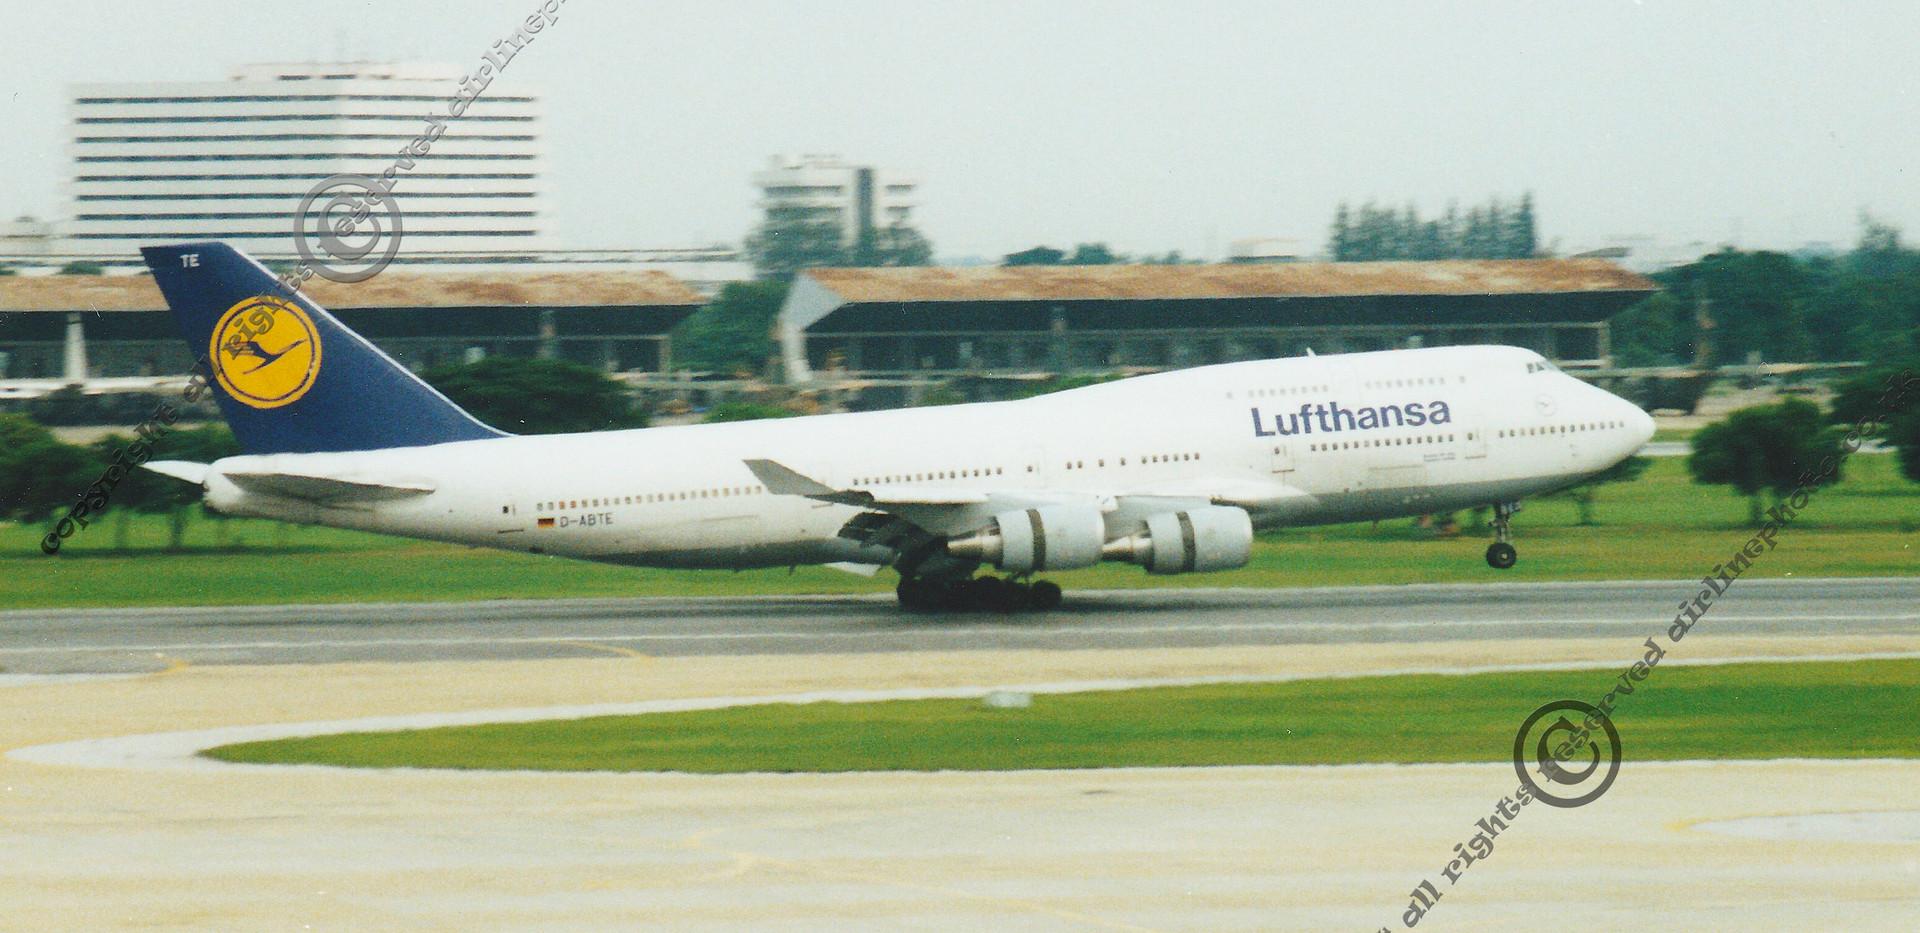 D-ABTE-Lufthansa-747-Copenhagen.jpg